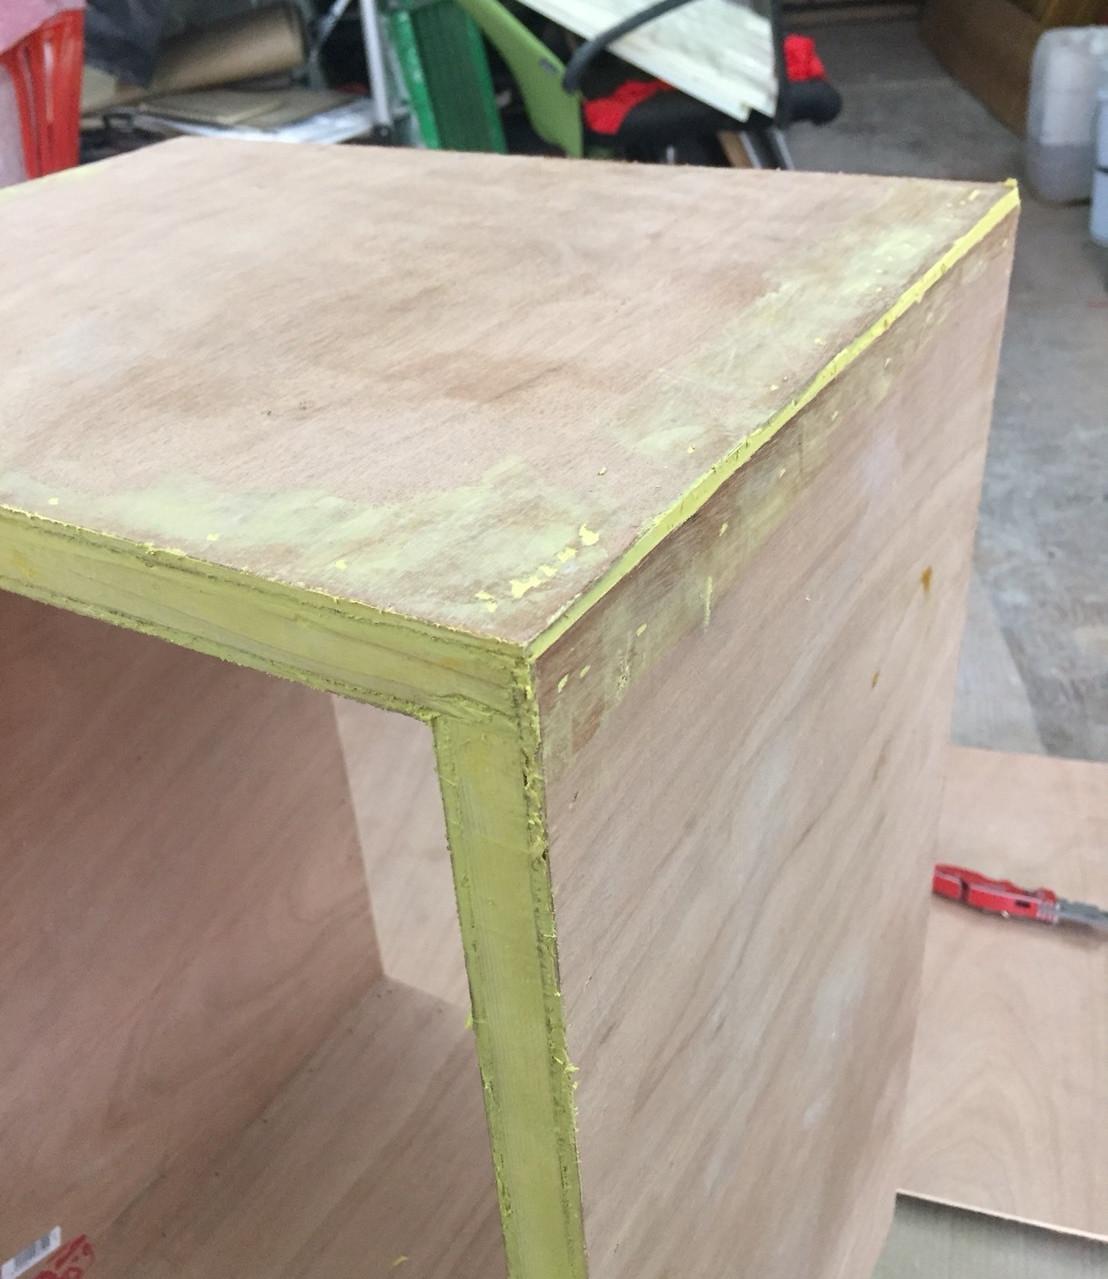 โต๊ะลากลายไม้_๒๐๐๖๑๖_0043